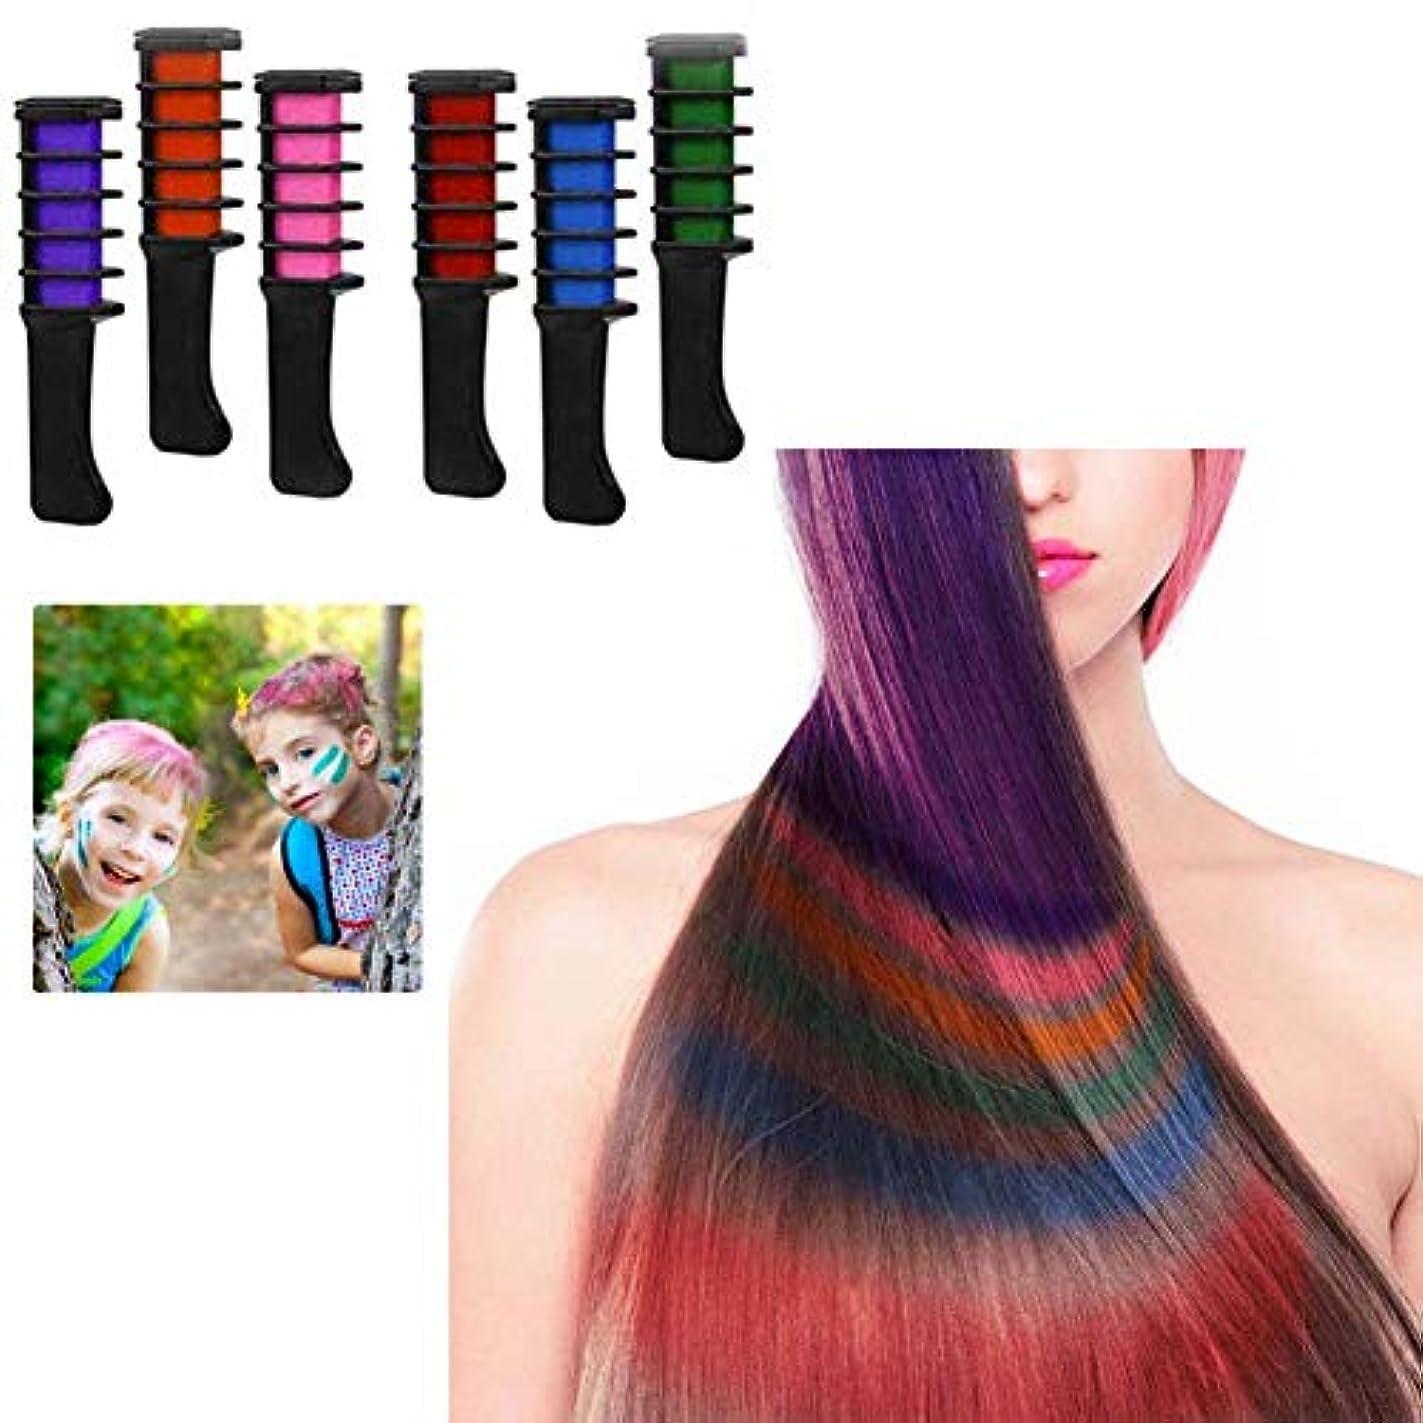 悪夢出します検索エンジン最適化髪のチョークは子供の女の子のための一時的な髪の色を染めるすべての髪の色で動作しますアイデアクリスマスギフトブラックハンドル6色